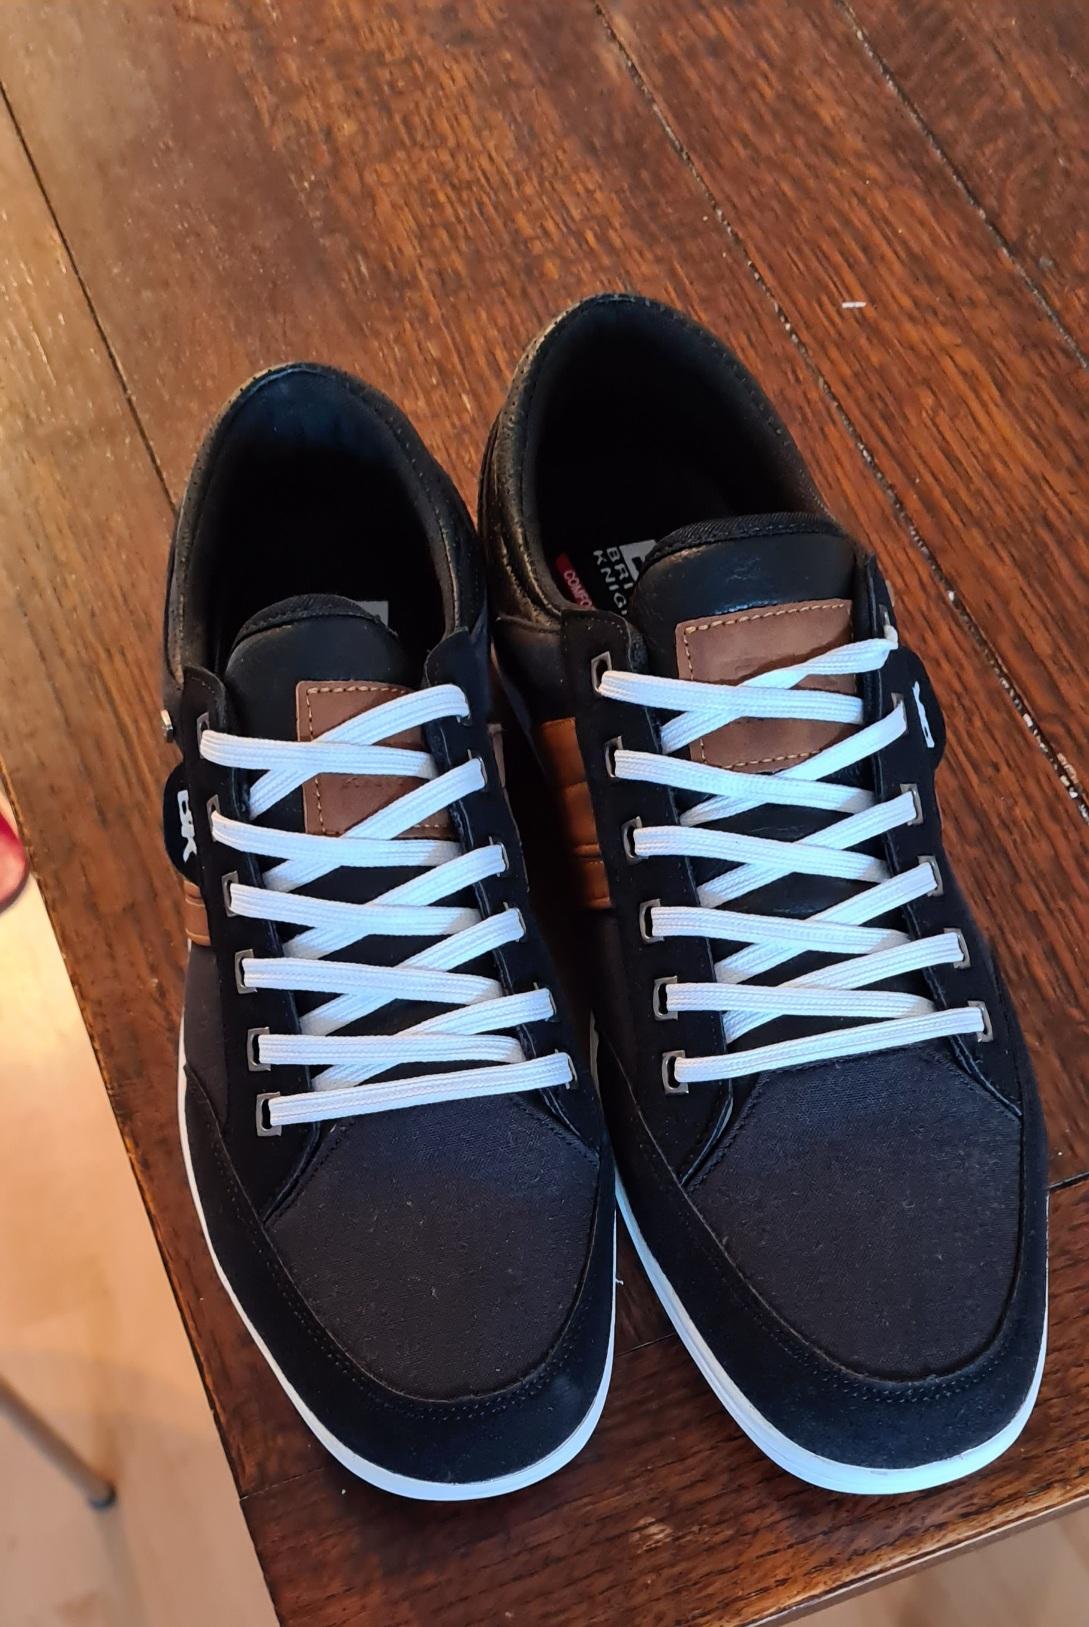 Bild Nummer 2 von BK British Knights Sneakers